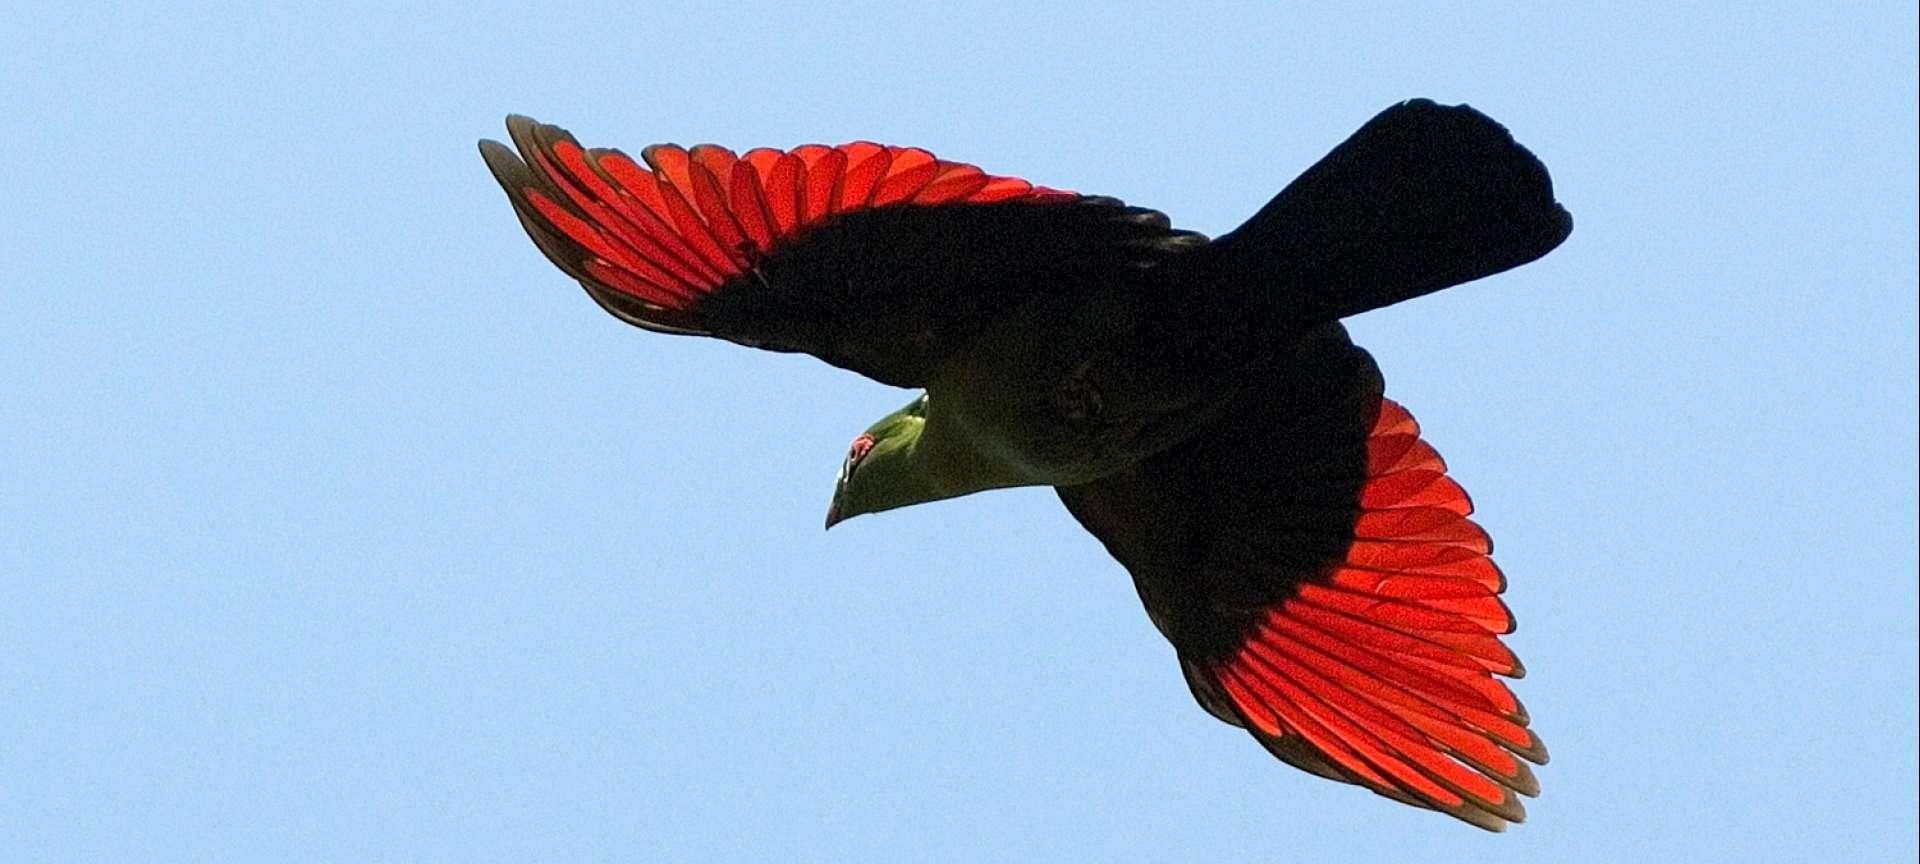 Victoria Falls - Africa Wildlife Safaris